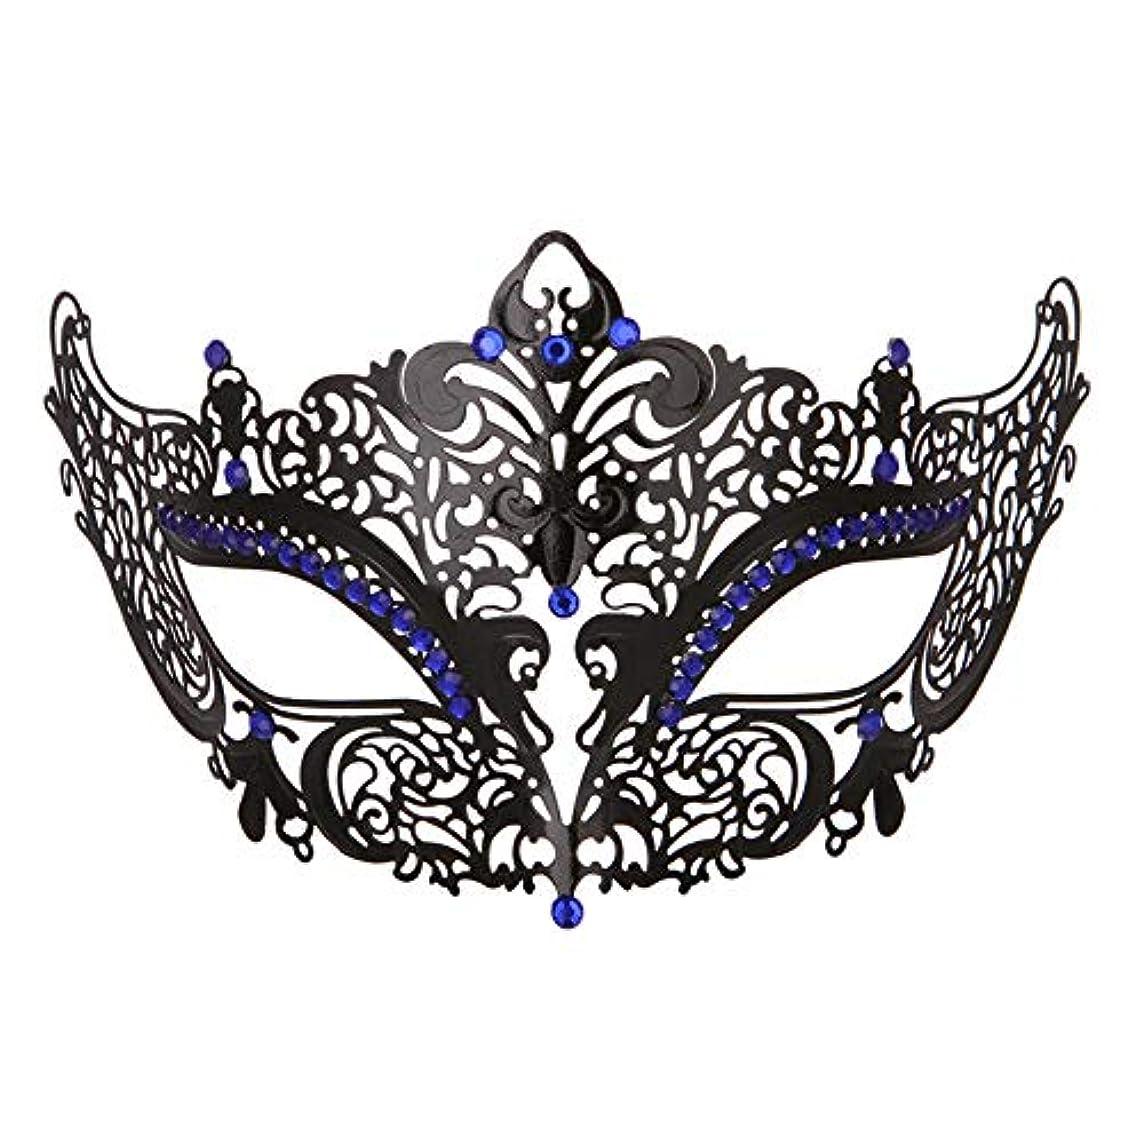 お別れ毎月内部ダンスマスク 高級金属鉄マスク女性美少女中空ハーフフェイスファッションナイトクラブパーティー仮面舞踏会マスク ホリデーパーティー用品 (色 : 青, サイズ : 19x8cm)